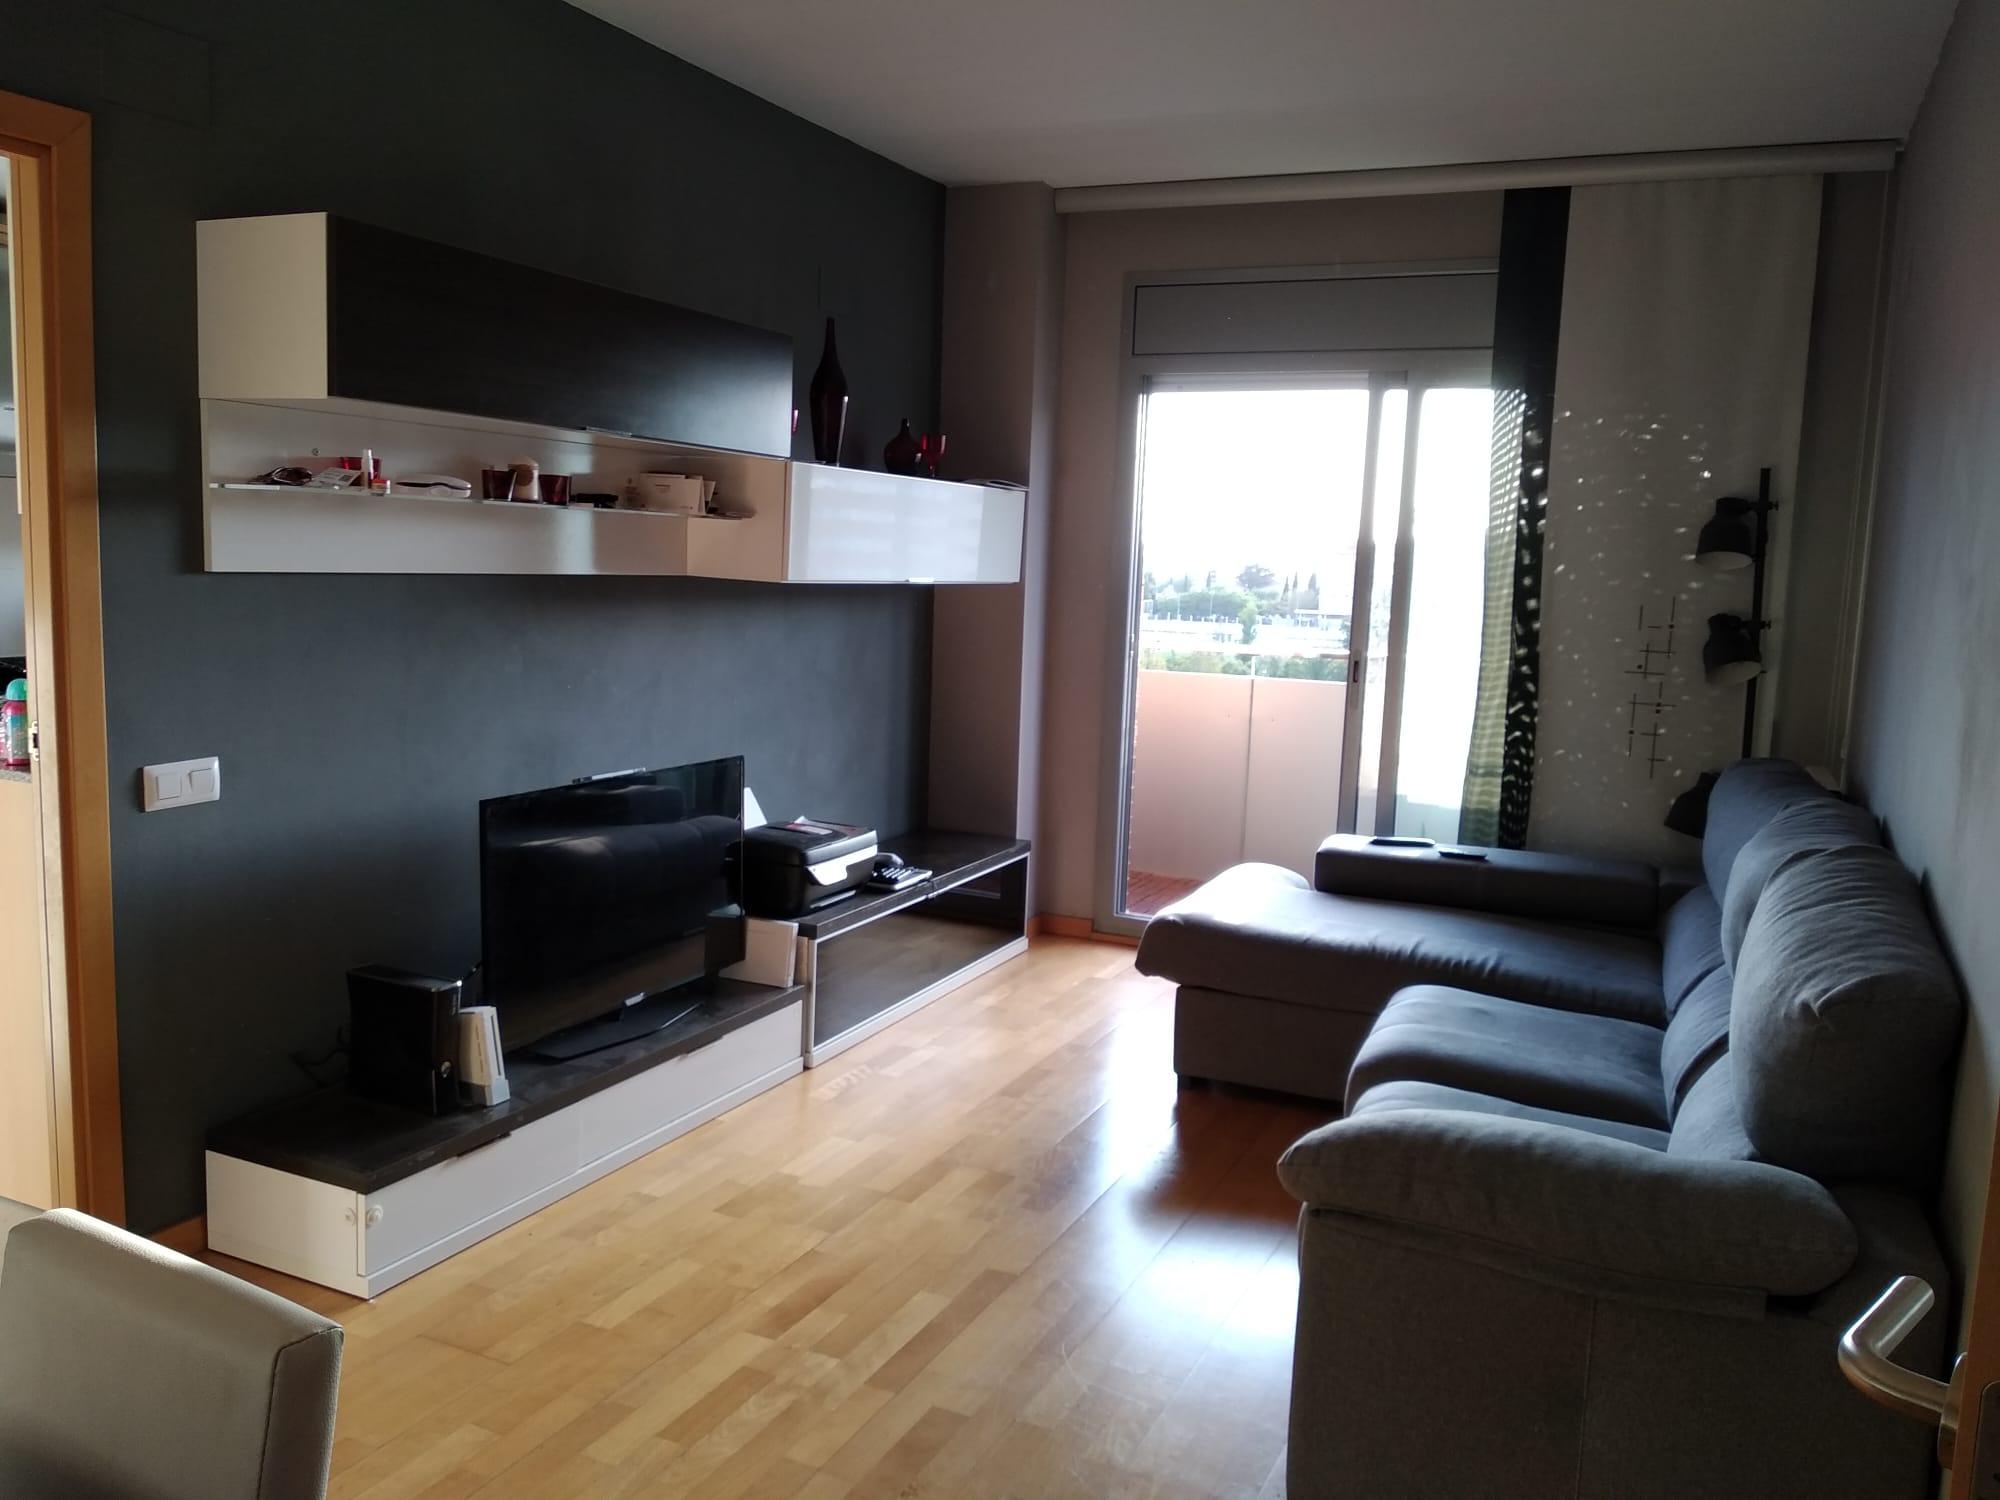 Precioso piso seminuevo en Barberà del Vallès